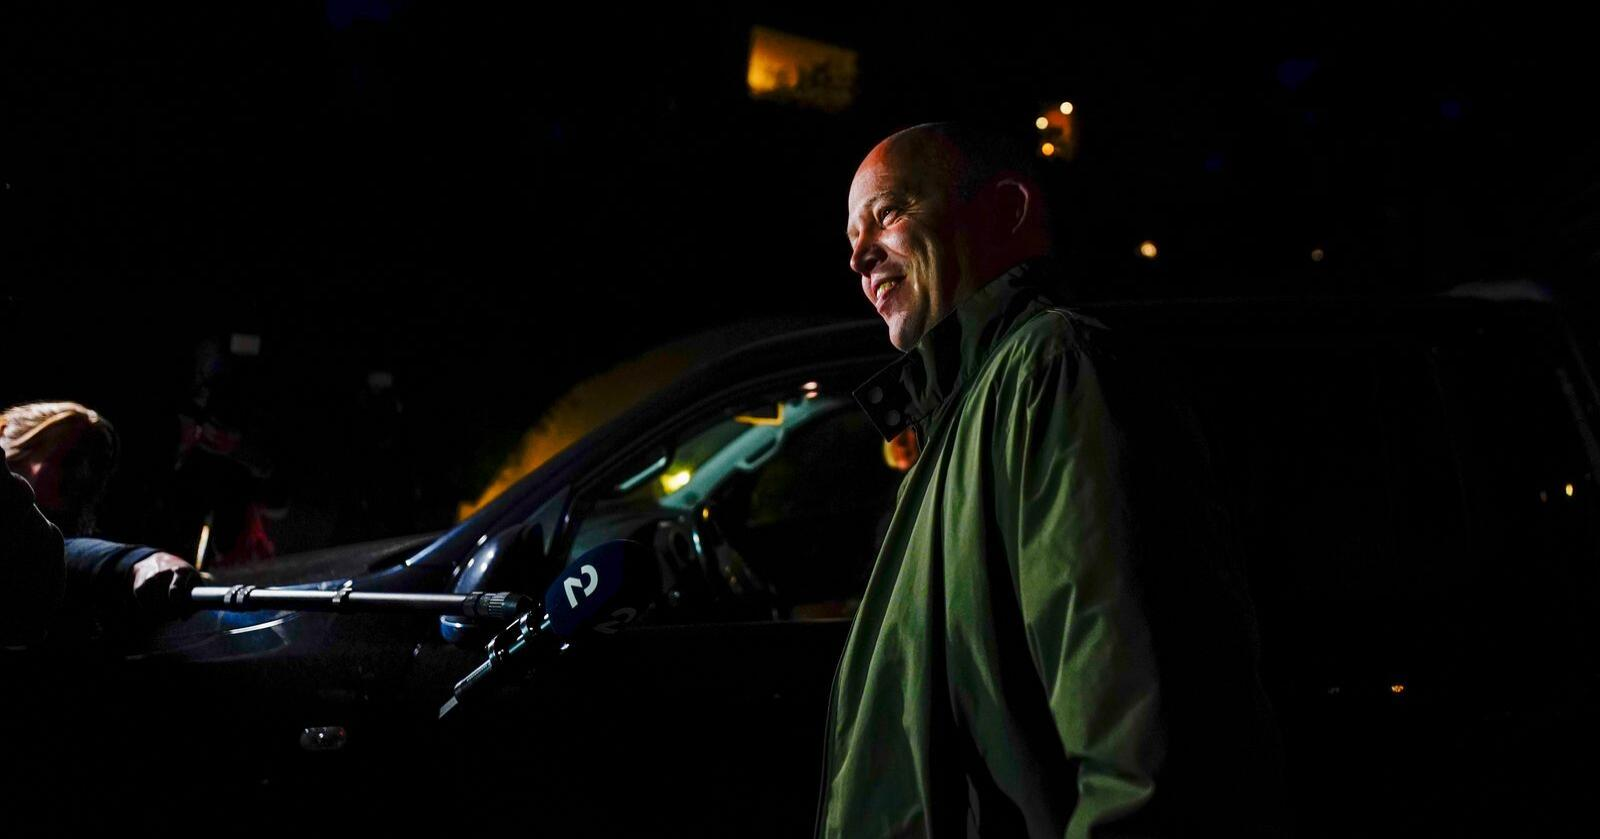 Sp-leder Trygve Slagsvold Vedum snakker med pressen etter møtet med Ap-leder Jonas Gahr Støre onsdag kveld. Foto: Håkon Mosvold Larsen / NTB